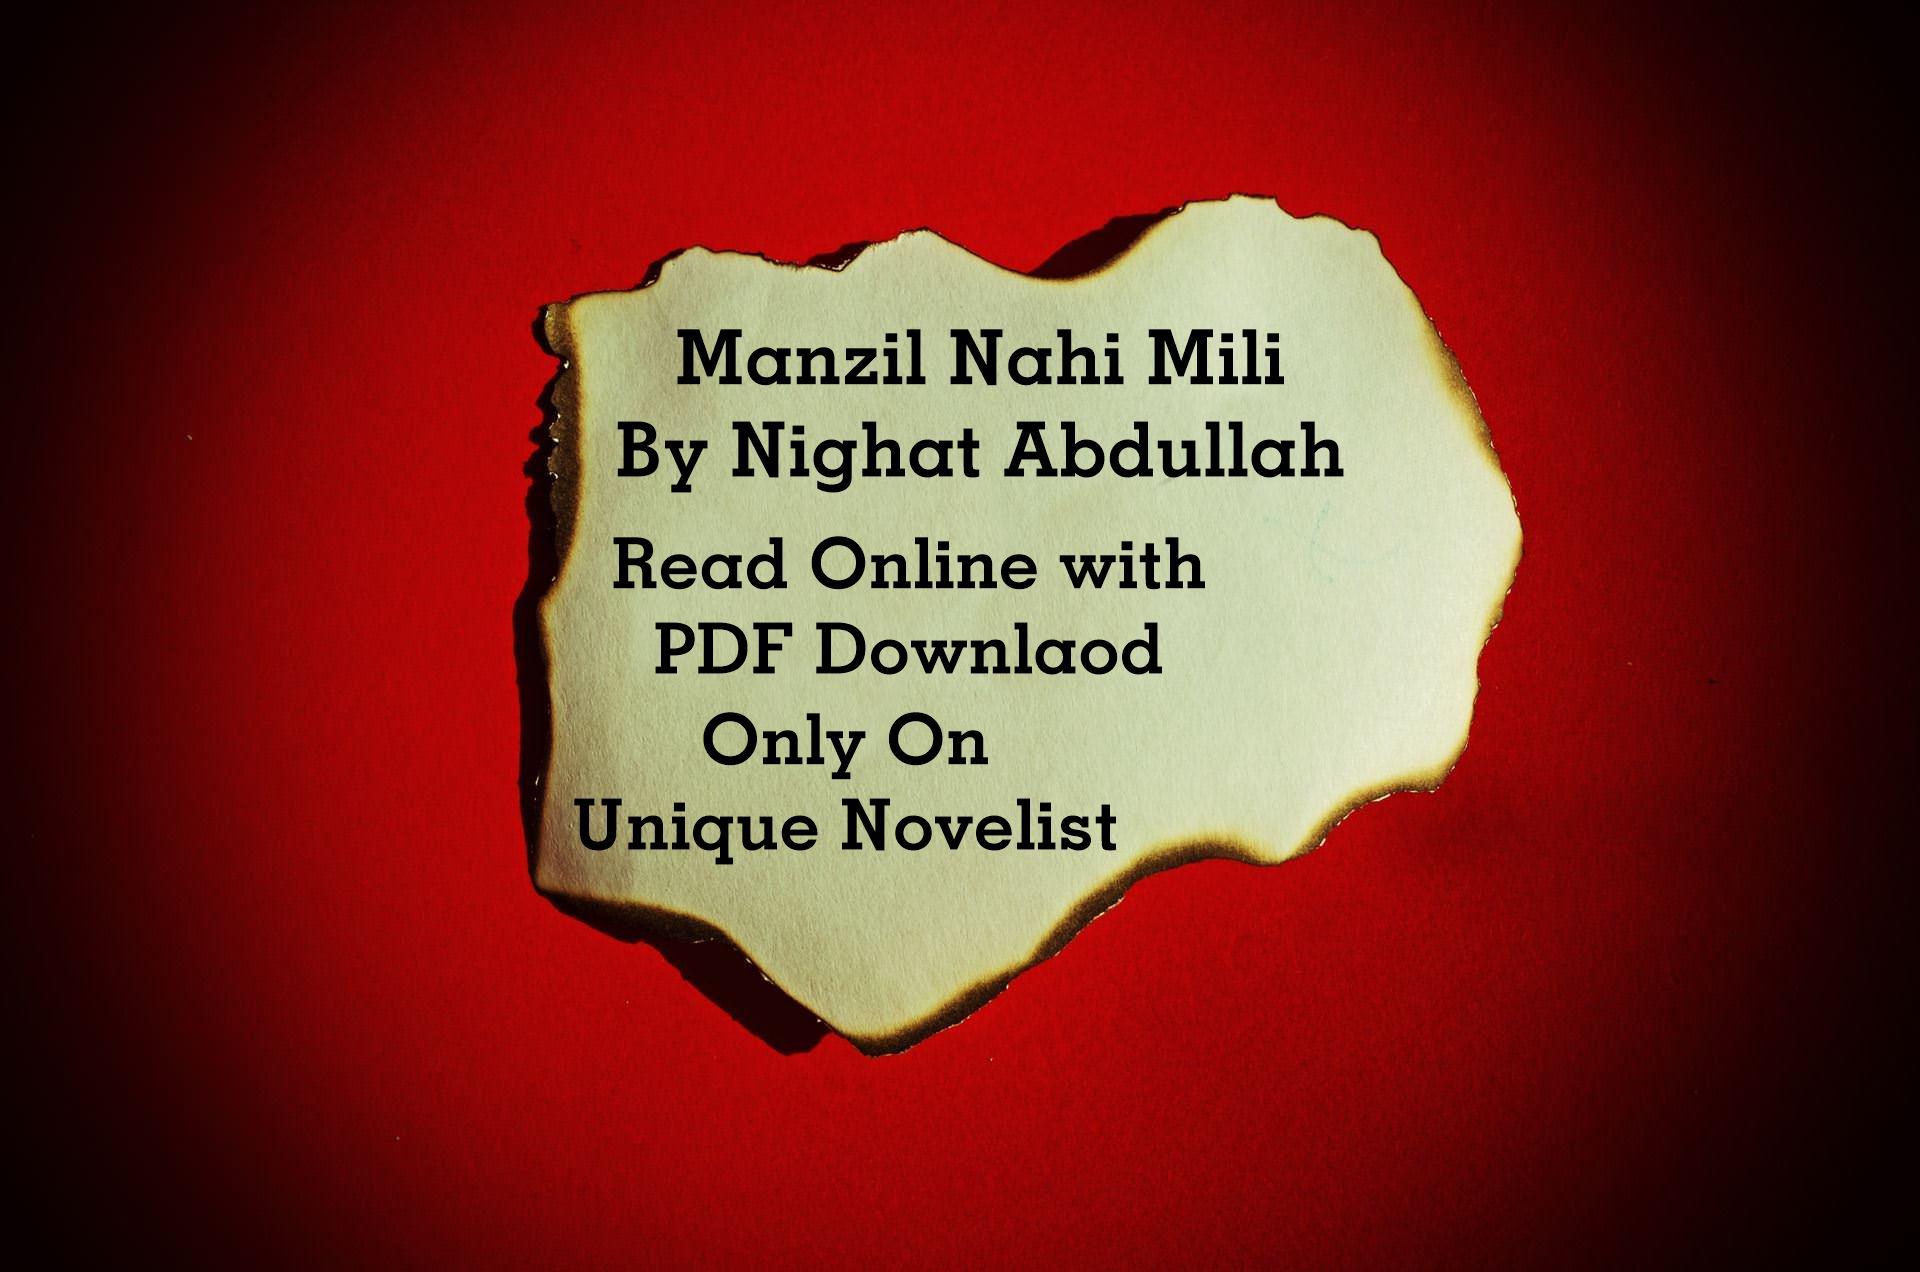 manzil-nahi-mili-romantic-urdu-novel